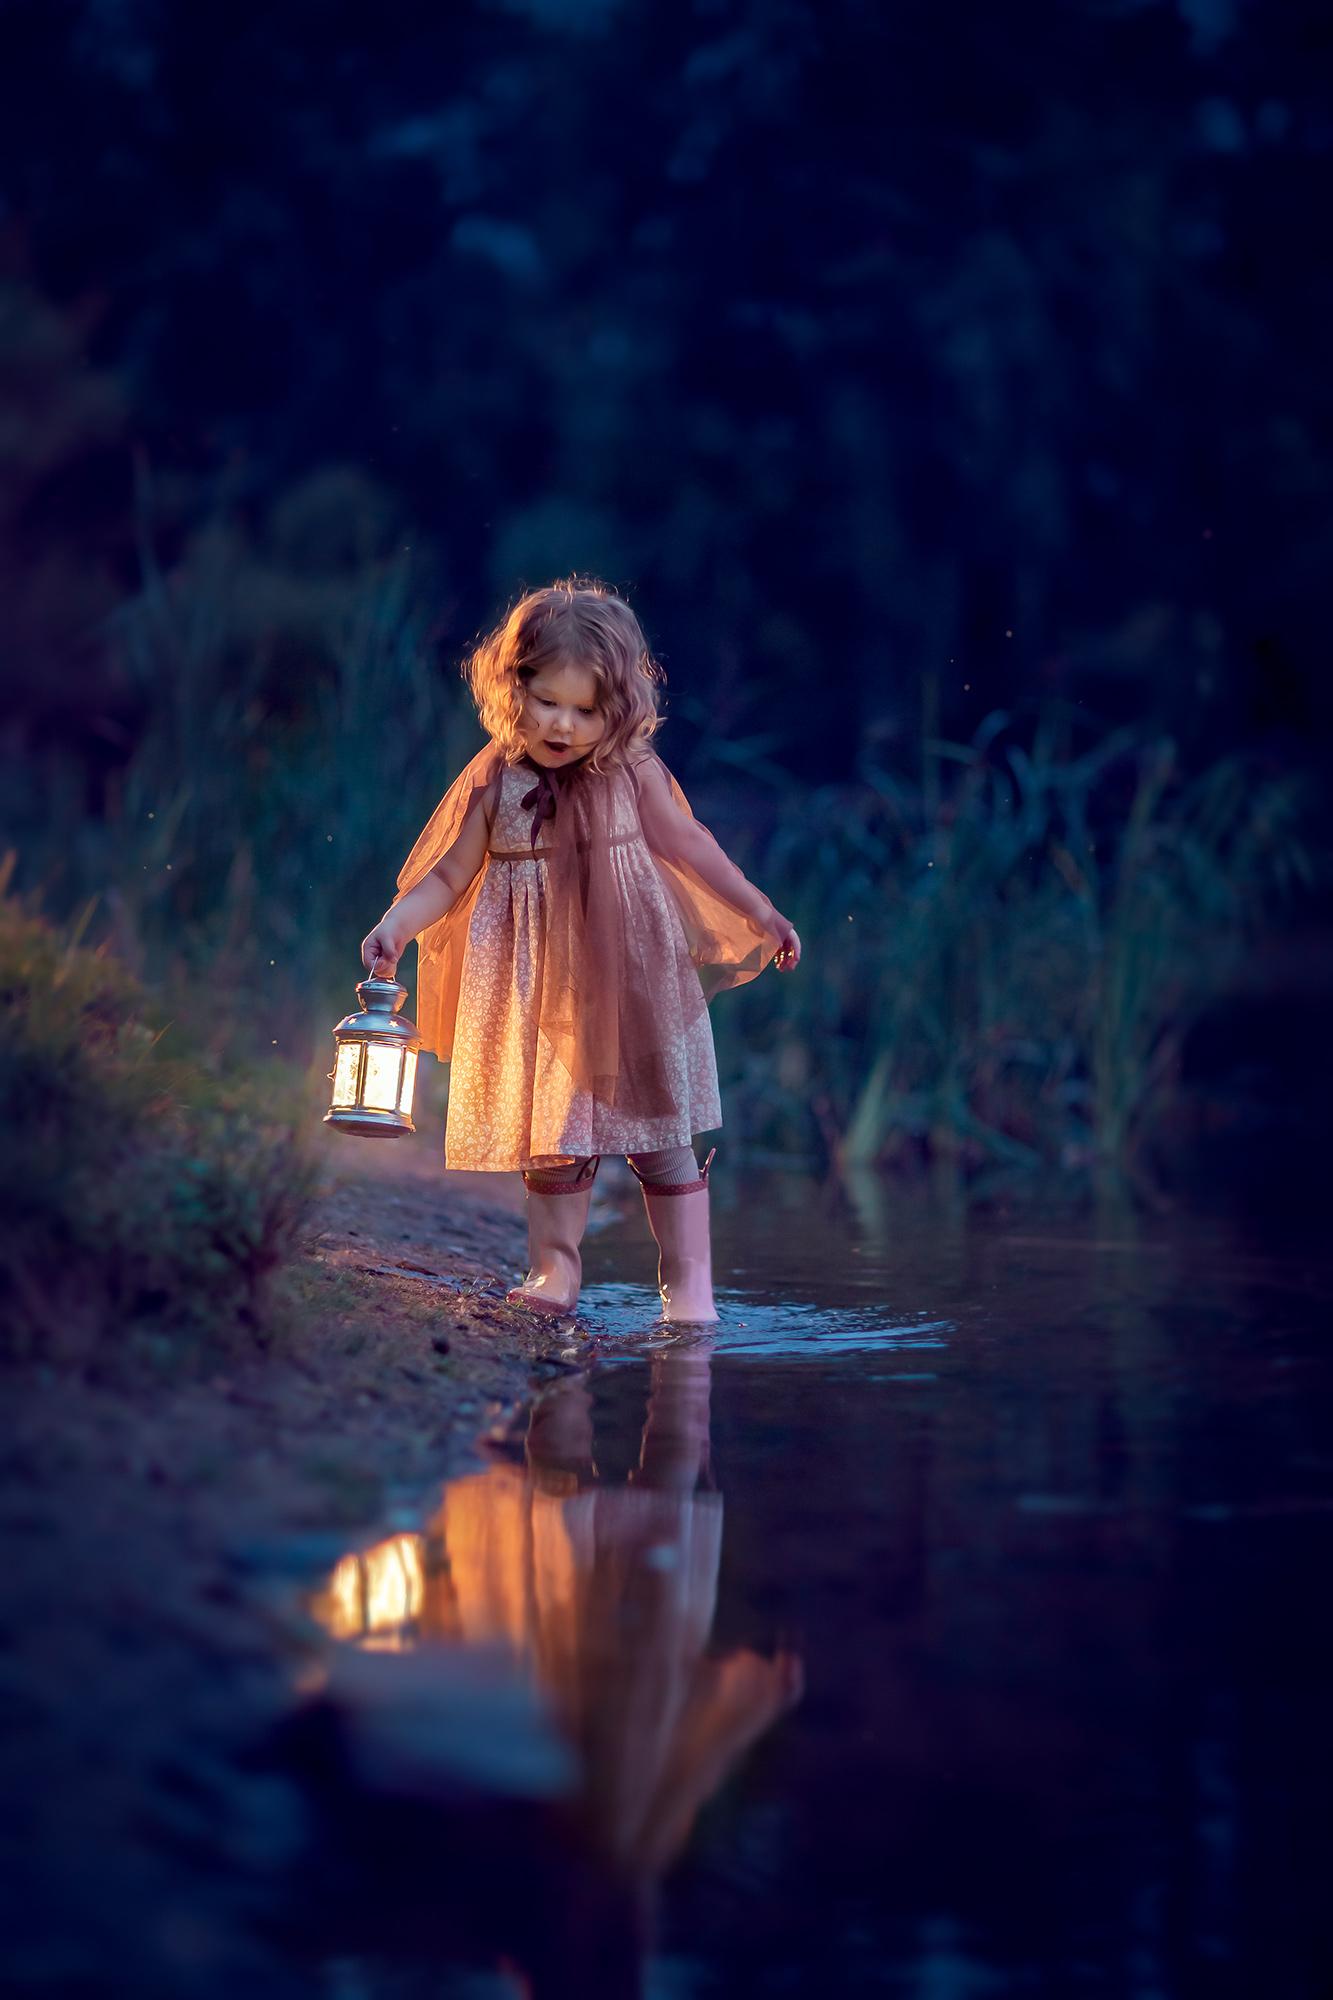 вечерняя фотосессия для детей